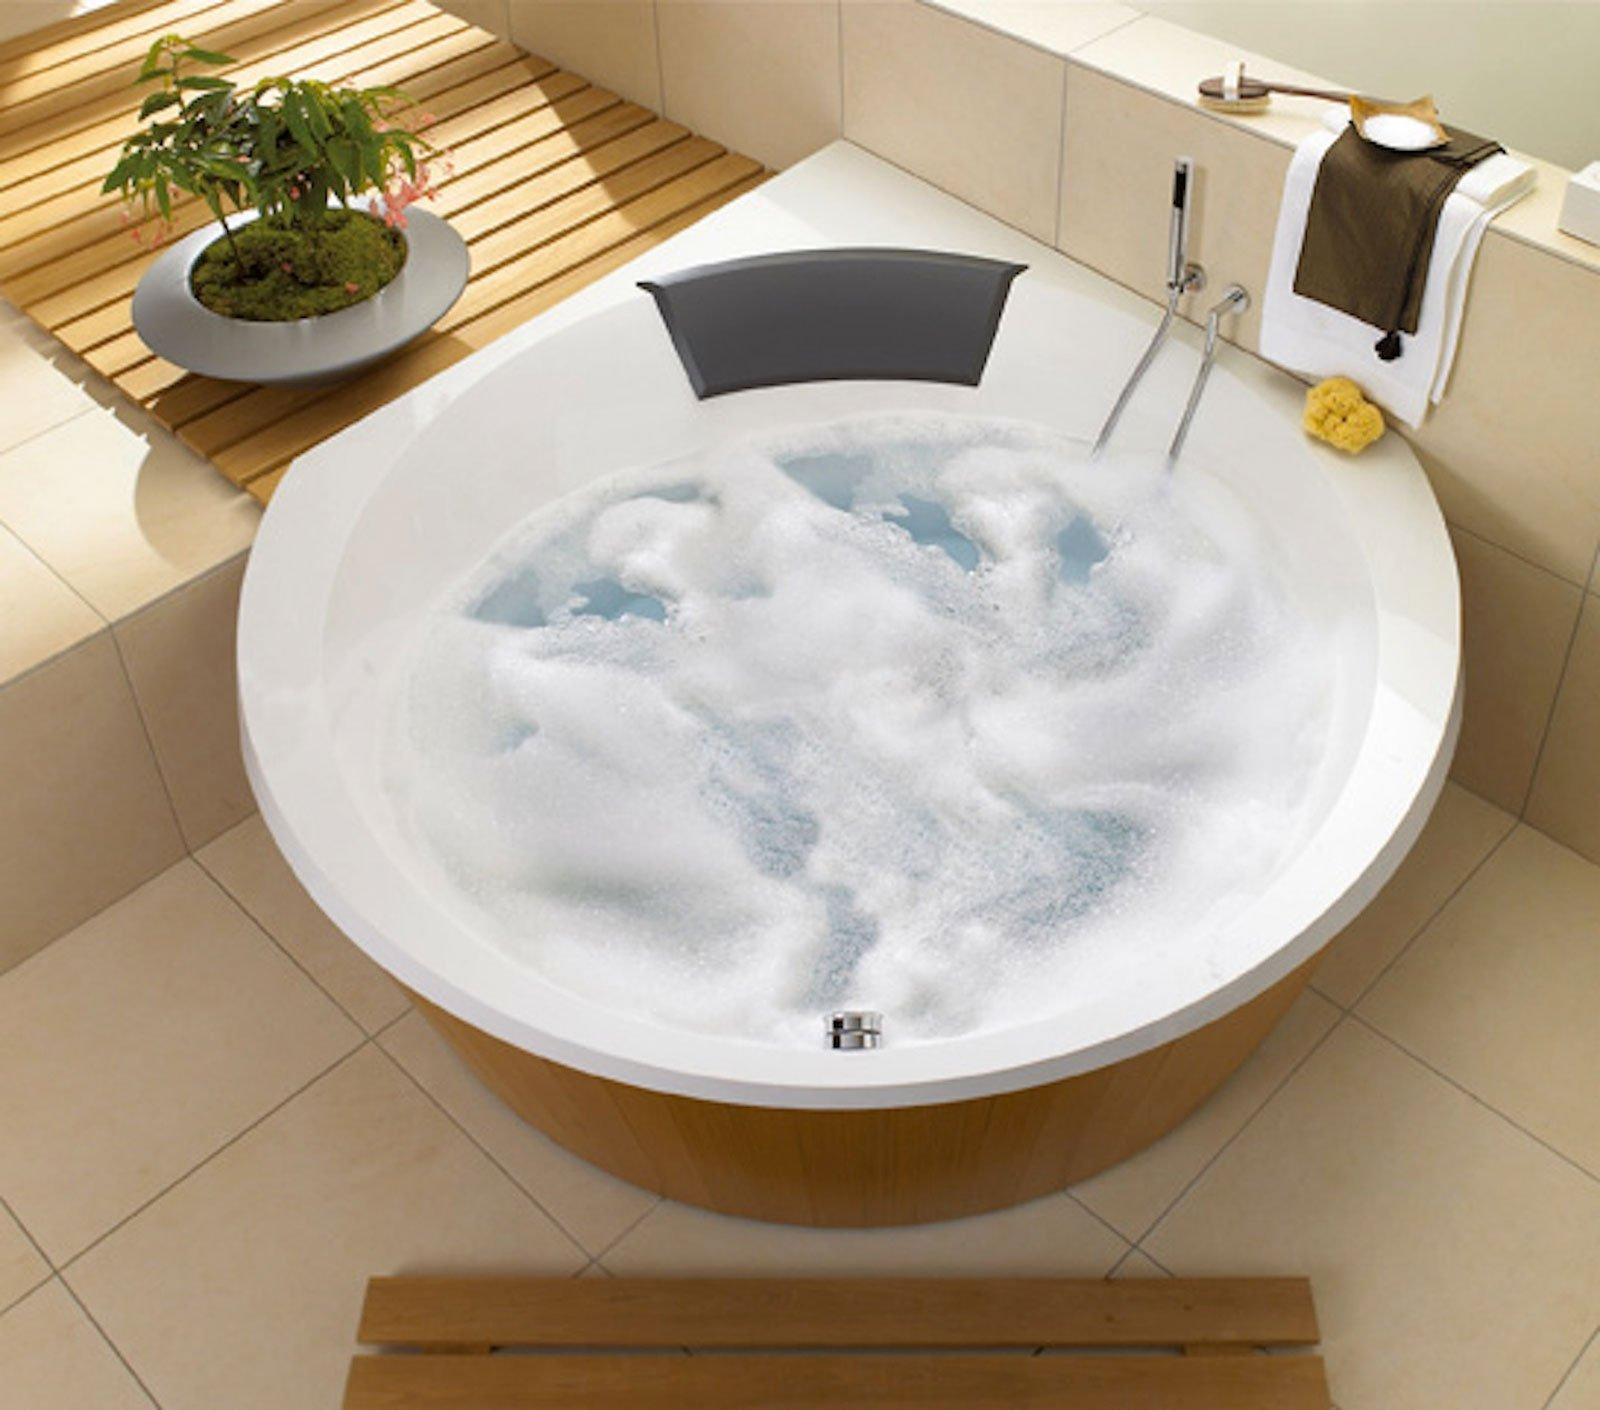 Vasche da bagno in acrilico: leggere e antiscivolo, hanno tanti vantaggi - Cose di Casa